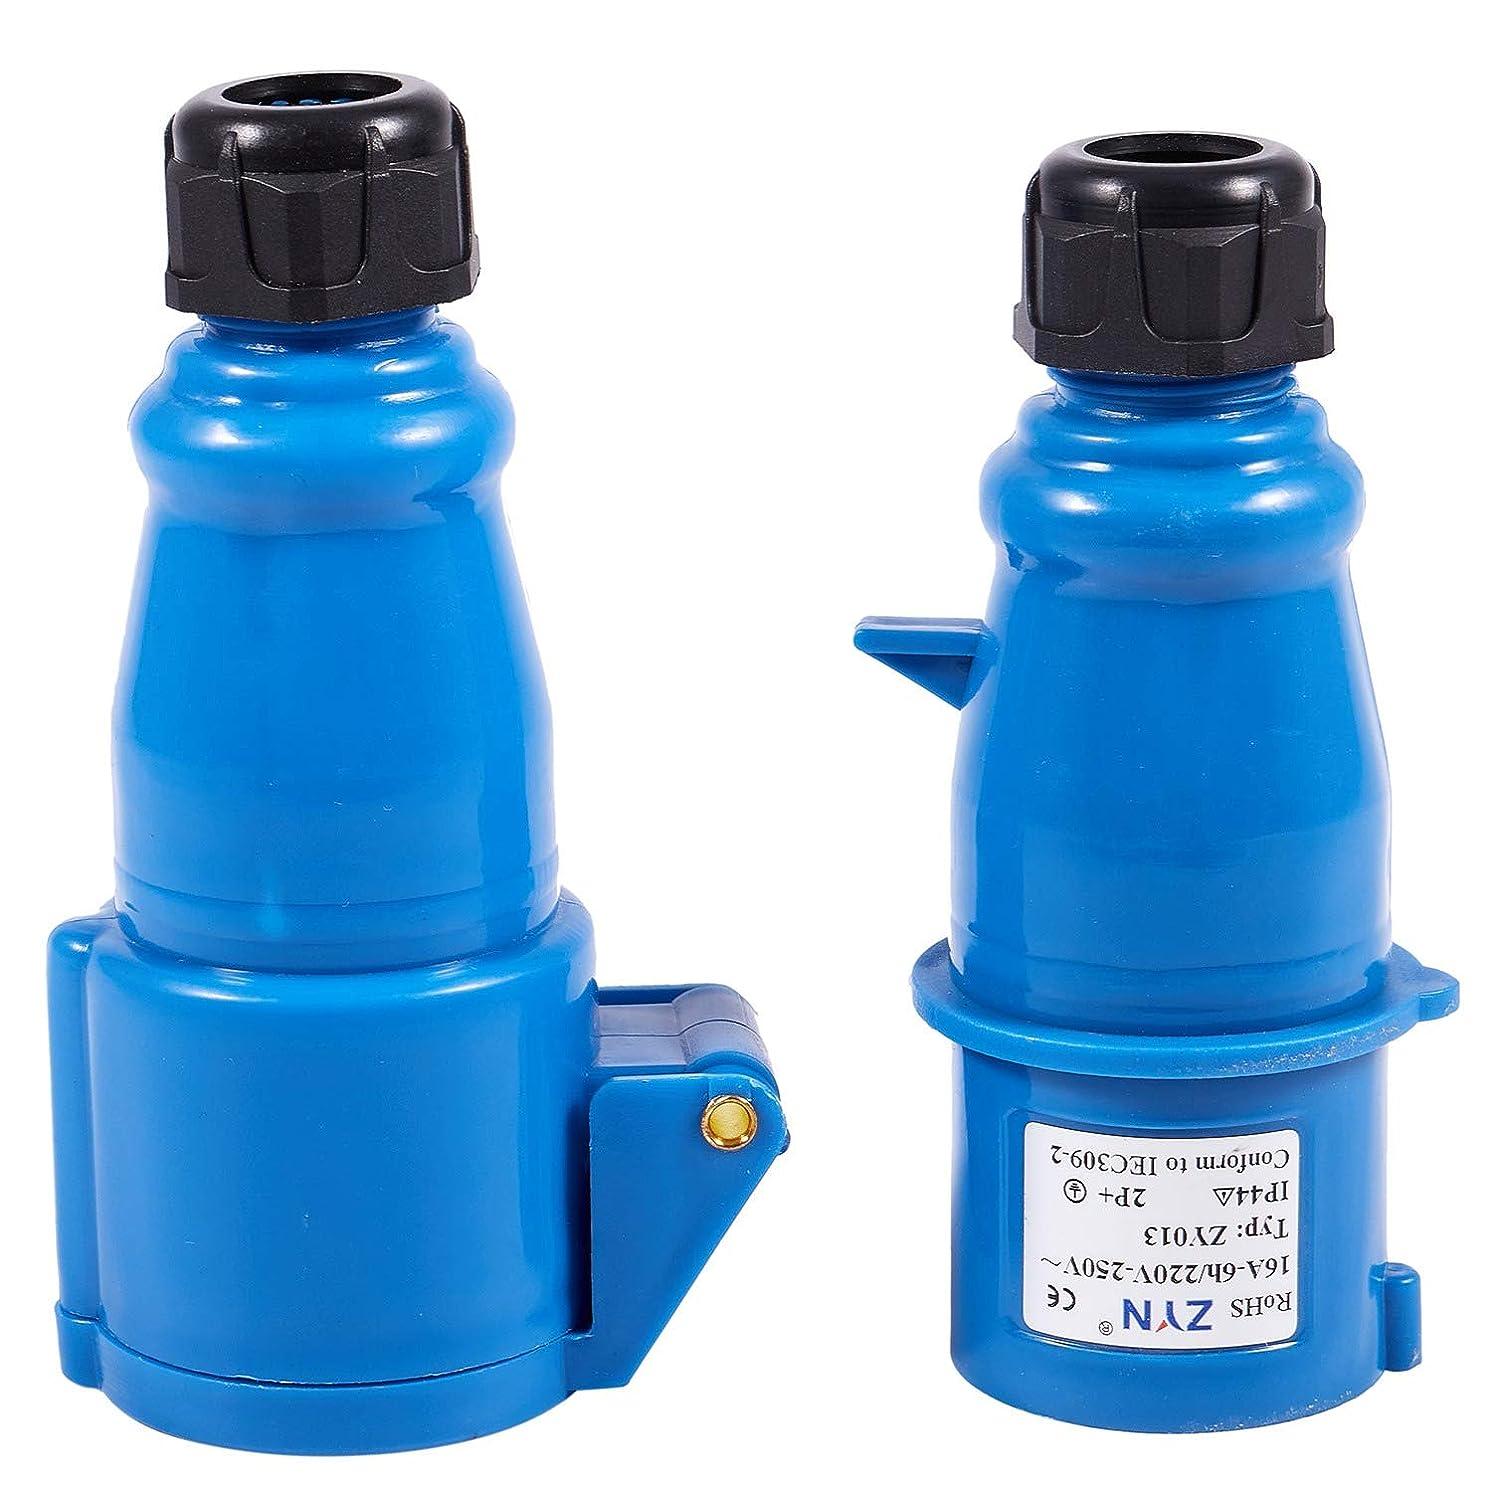 主要な国際驚いたことにVaorwne 防水 IEC309-2 2P+E 産業用プラグソケット AC 220-240V 16Aアンプ